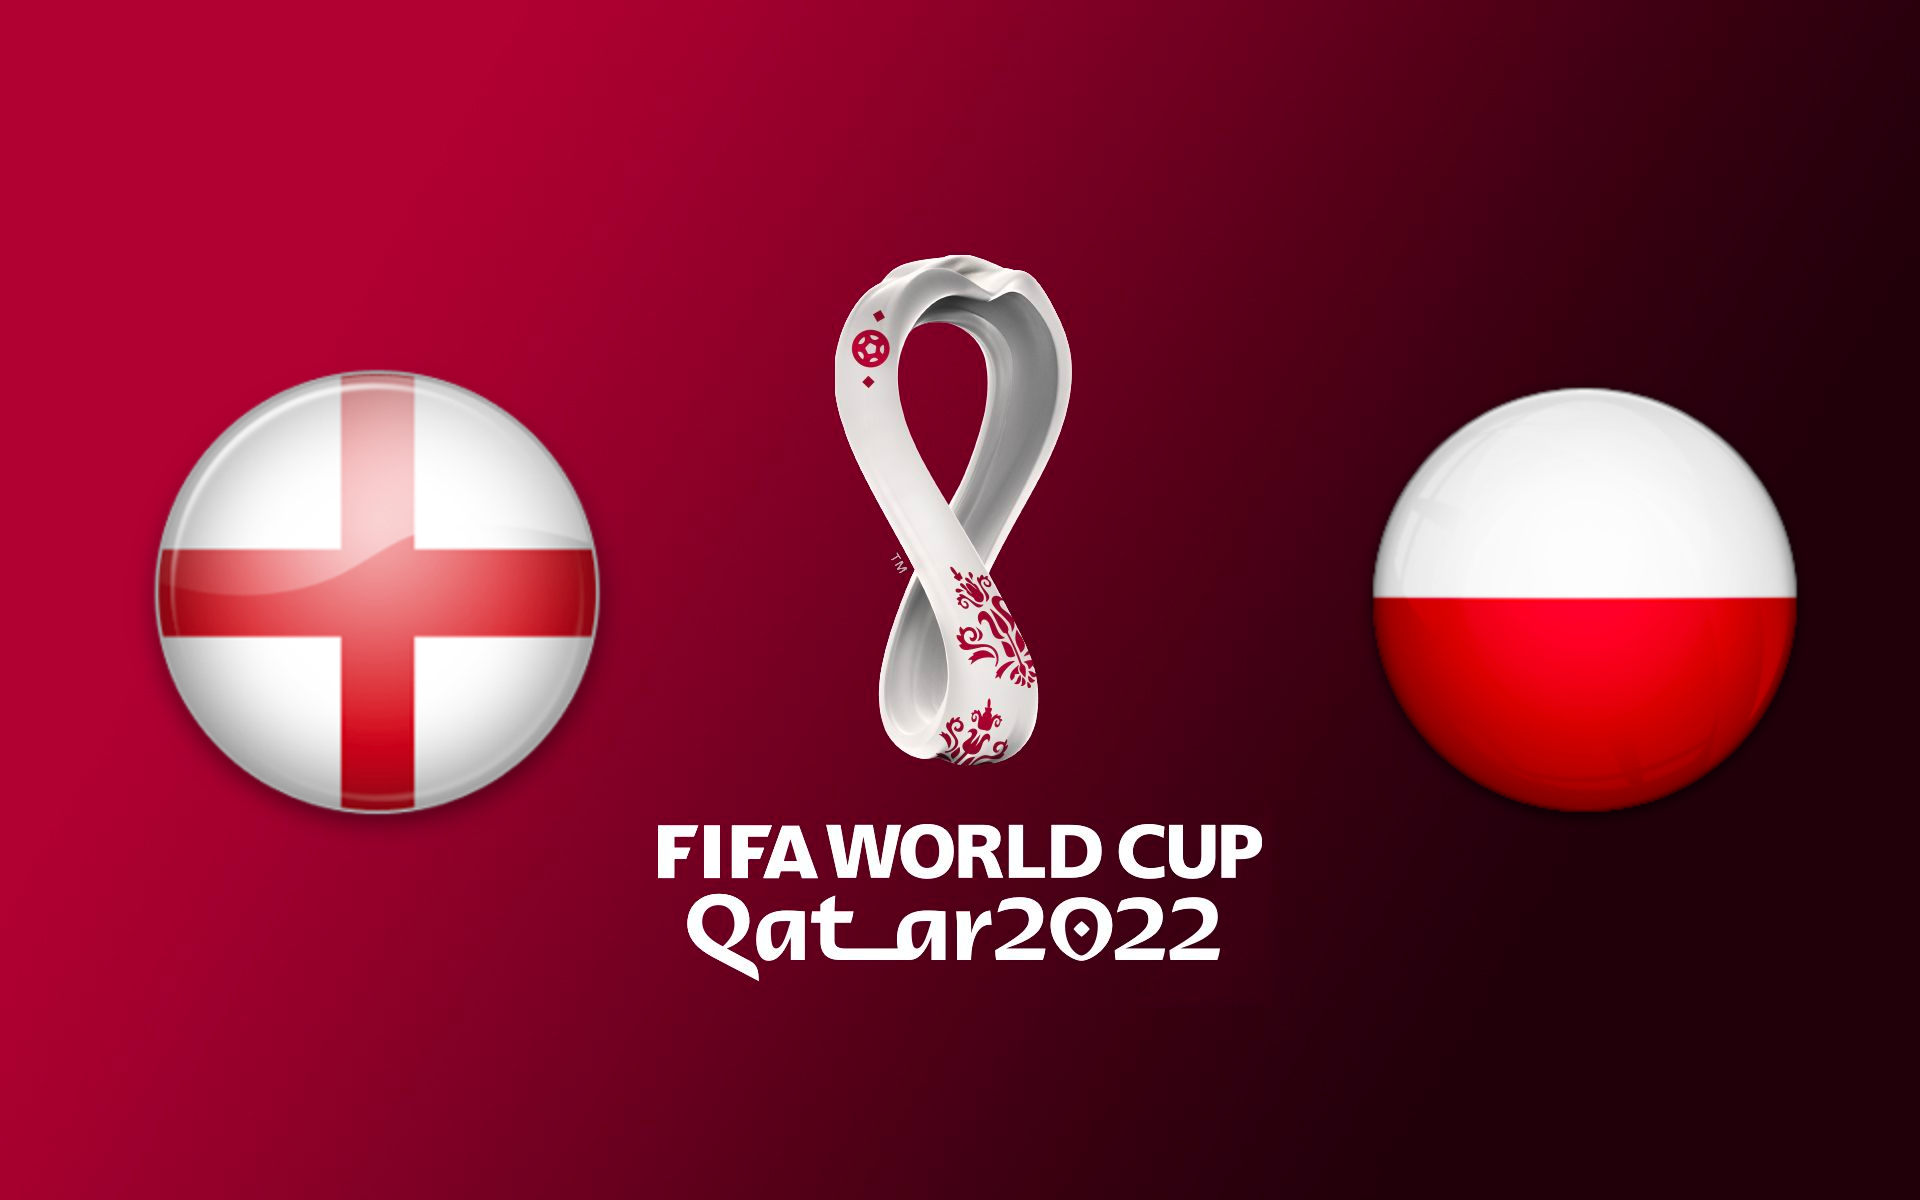 Nhận định cuộc đối đầu giữa ĐT Anh vs ĐT Ba Lan vào 01h45 ngày 1/4